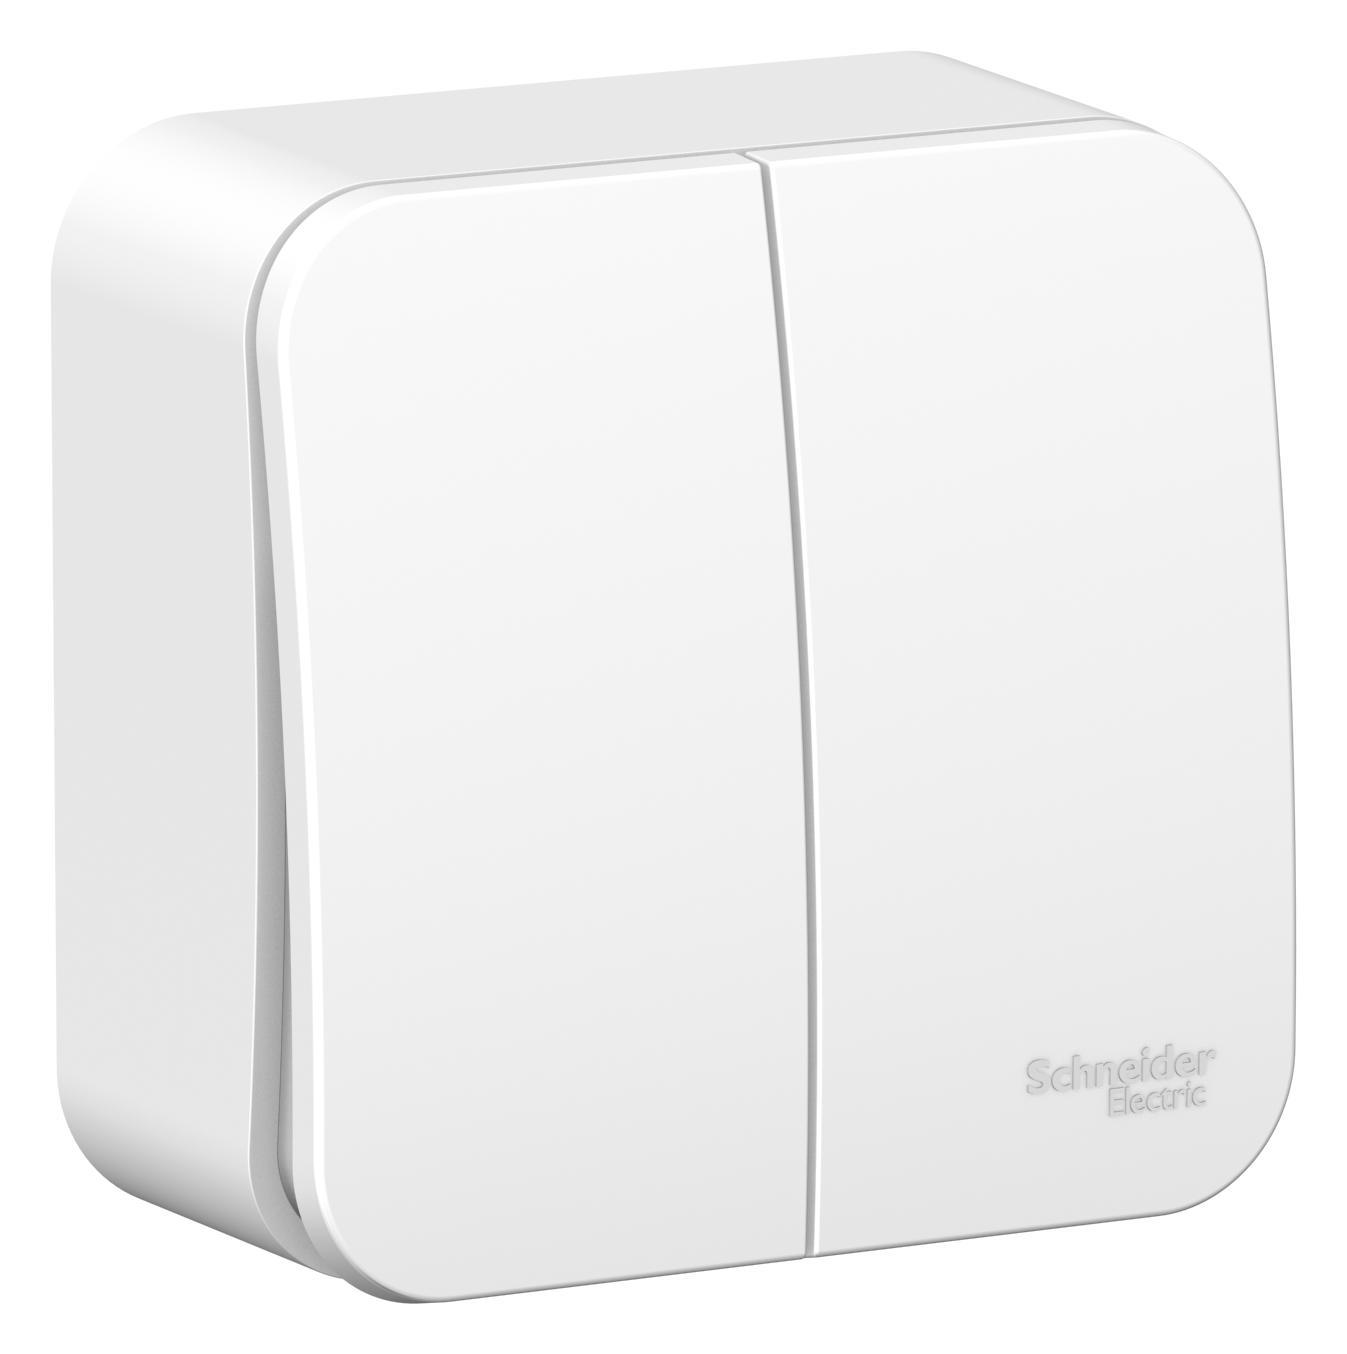 Выключатель Schneider electric Blnva065001 blanca выключатель schneider electric blnva101013 blanca